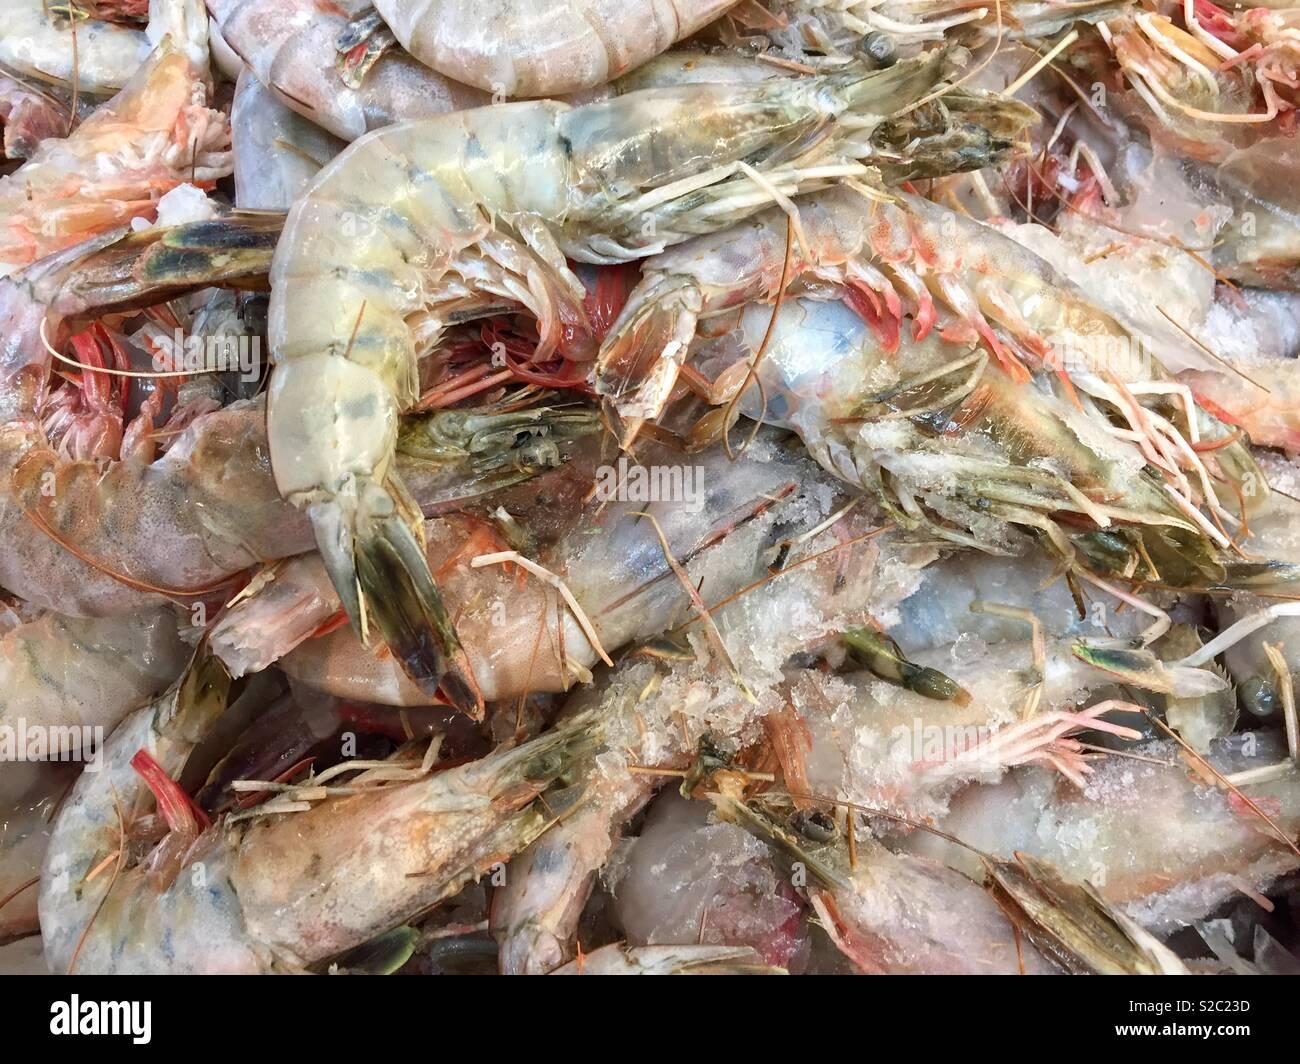 Colossal Shrimp Stock Photos & Colossal Shrimp Stock Images